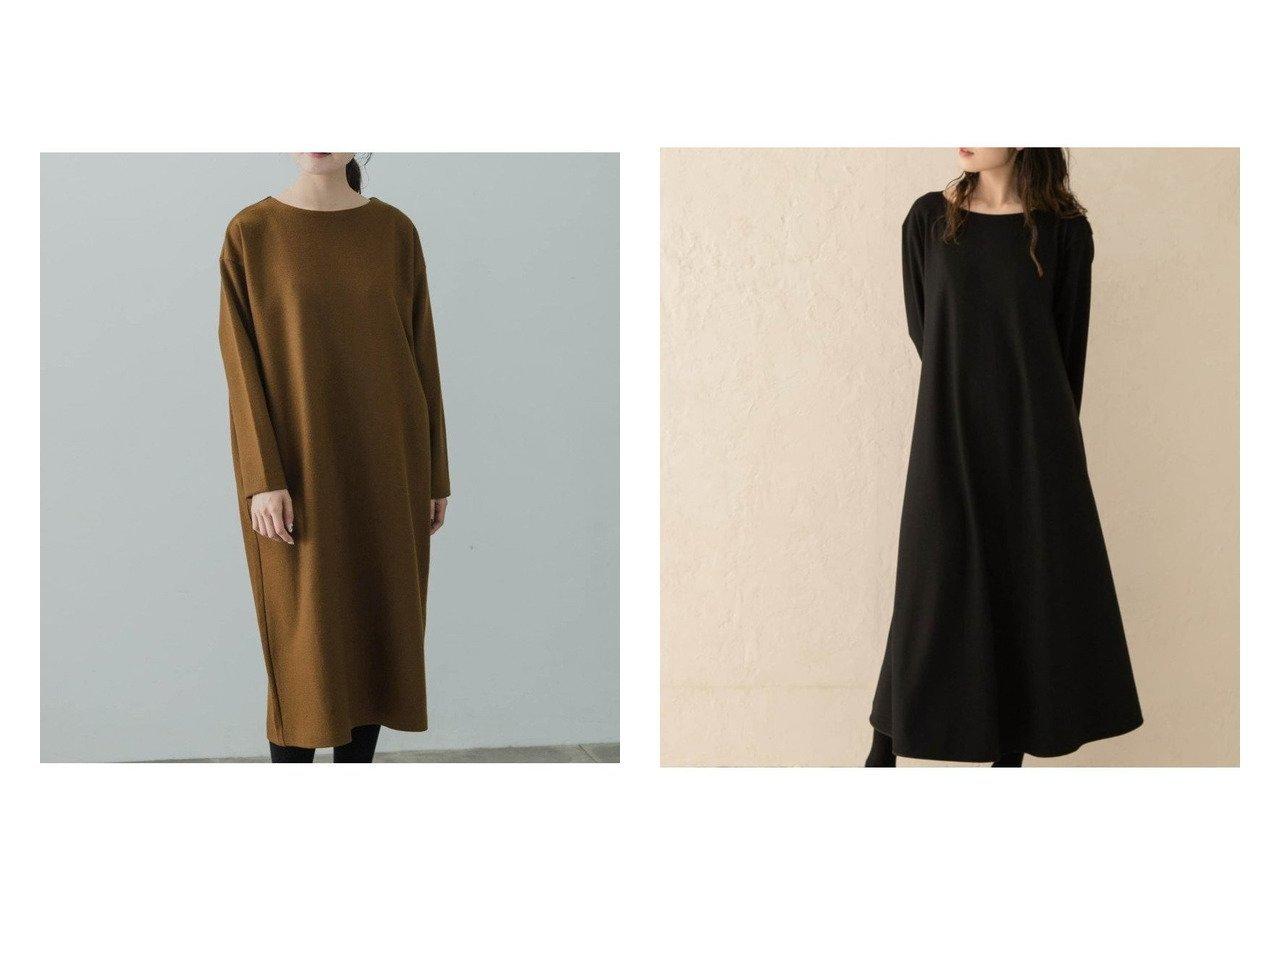 【kagure/かぐれ】のウールカットボックスワンピース&ウールカットパイピングワンピース ワンピース・ドレスのおすすめ!人気、トレンド・レディースファッションの通販  おすすめで人気の流行・トレンド、ファッションの通販商品 メンズファッション・キッズファッション・インテリア・家具・レディースファッション・服の通販 founy(ファニー) https://founy.com/ ファッション Fashion レディースファッション WOMEN ワンピース Dress スタンダード |ID:crp329100000010170